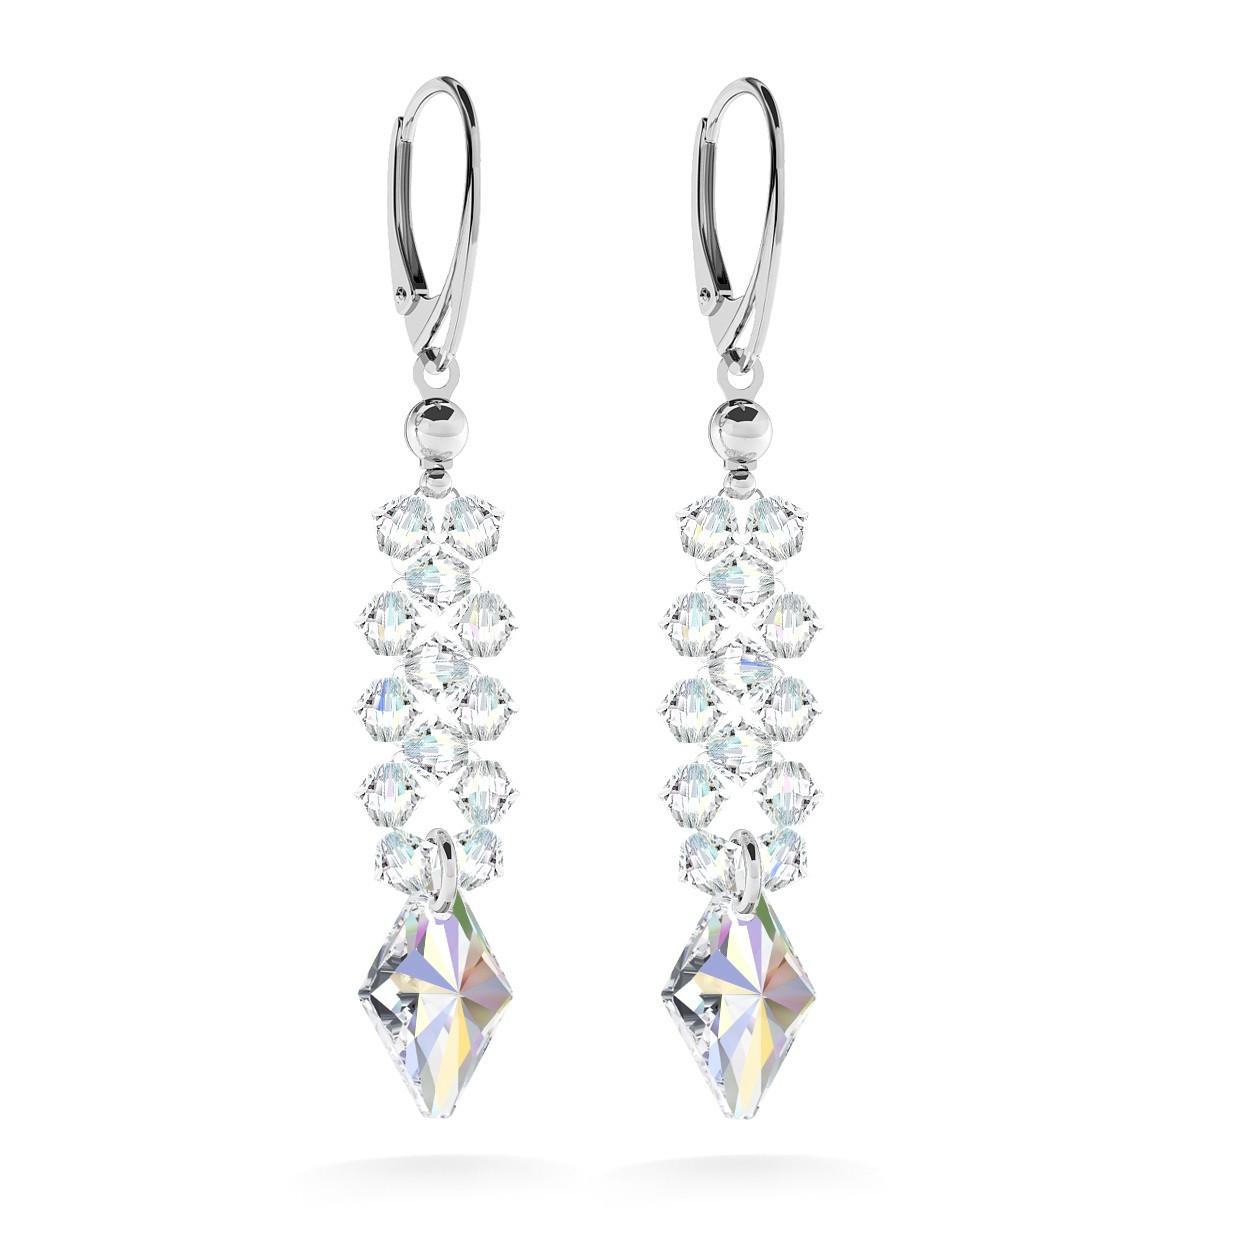 Ohrringe mit Swarovski Crystals, Hochzeitsschmuck - MODEL 2